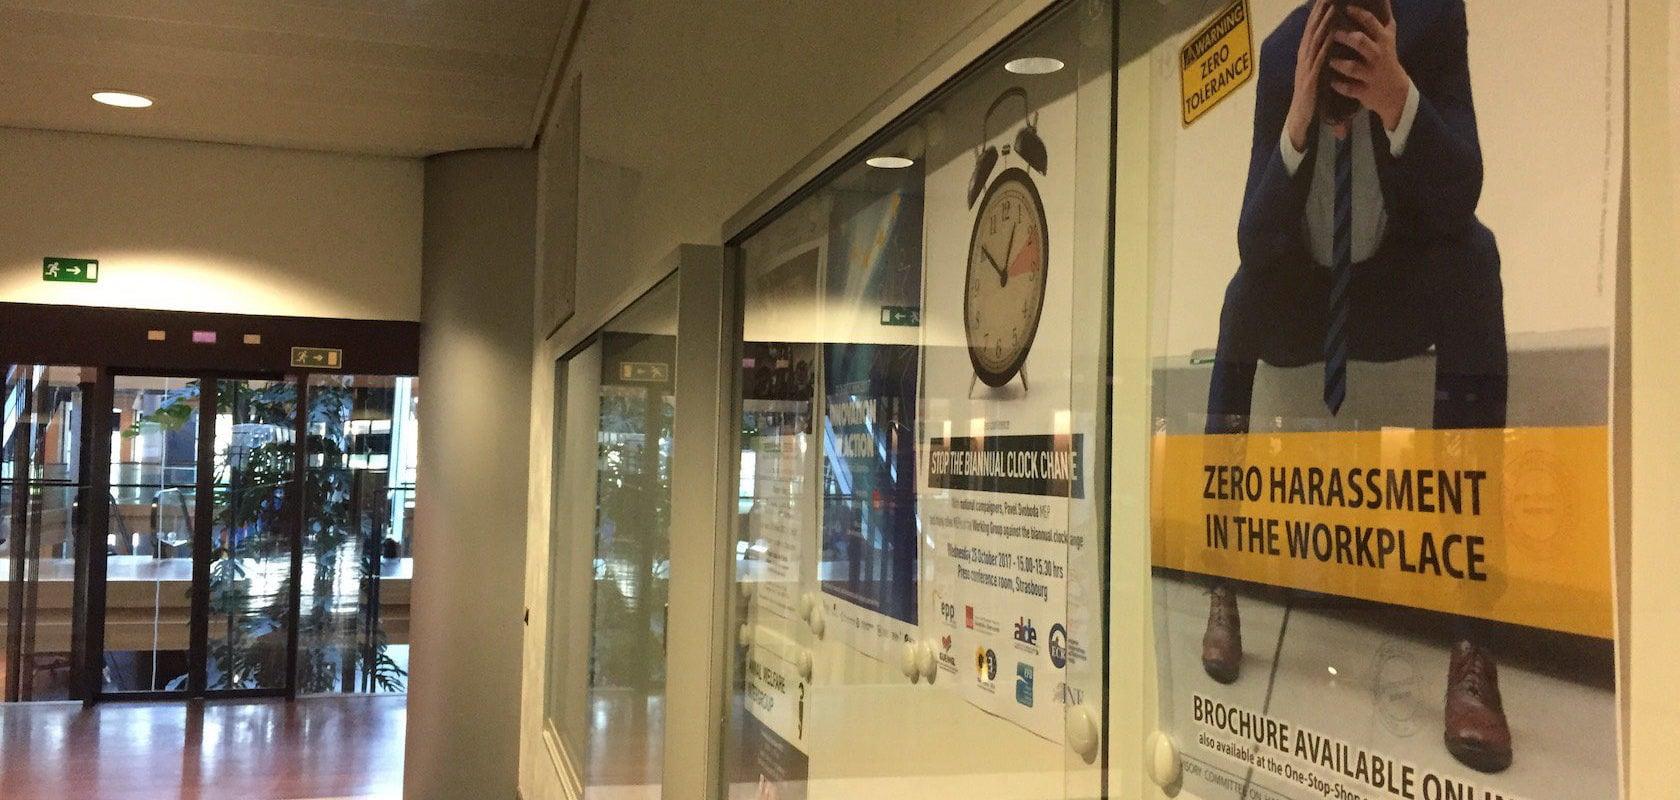 Harcèlement sexuel : les assistants poussent le Parlement européen à se regarder dans une glace